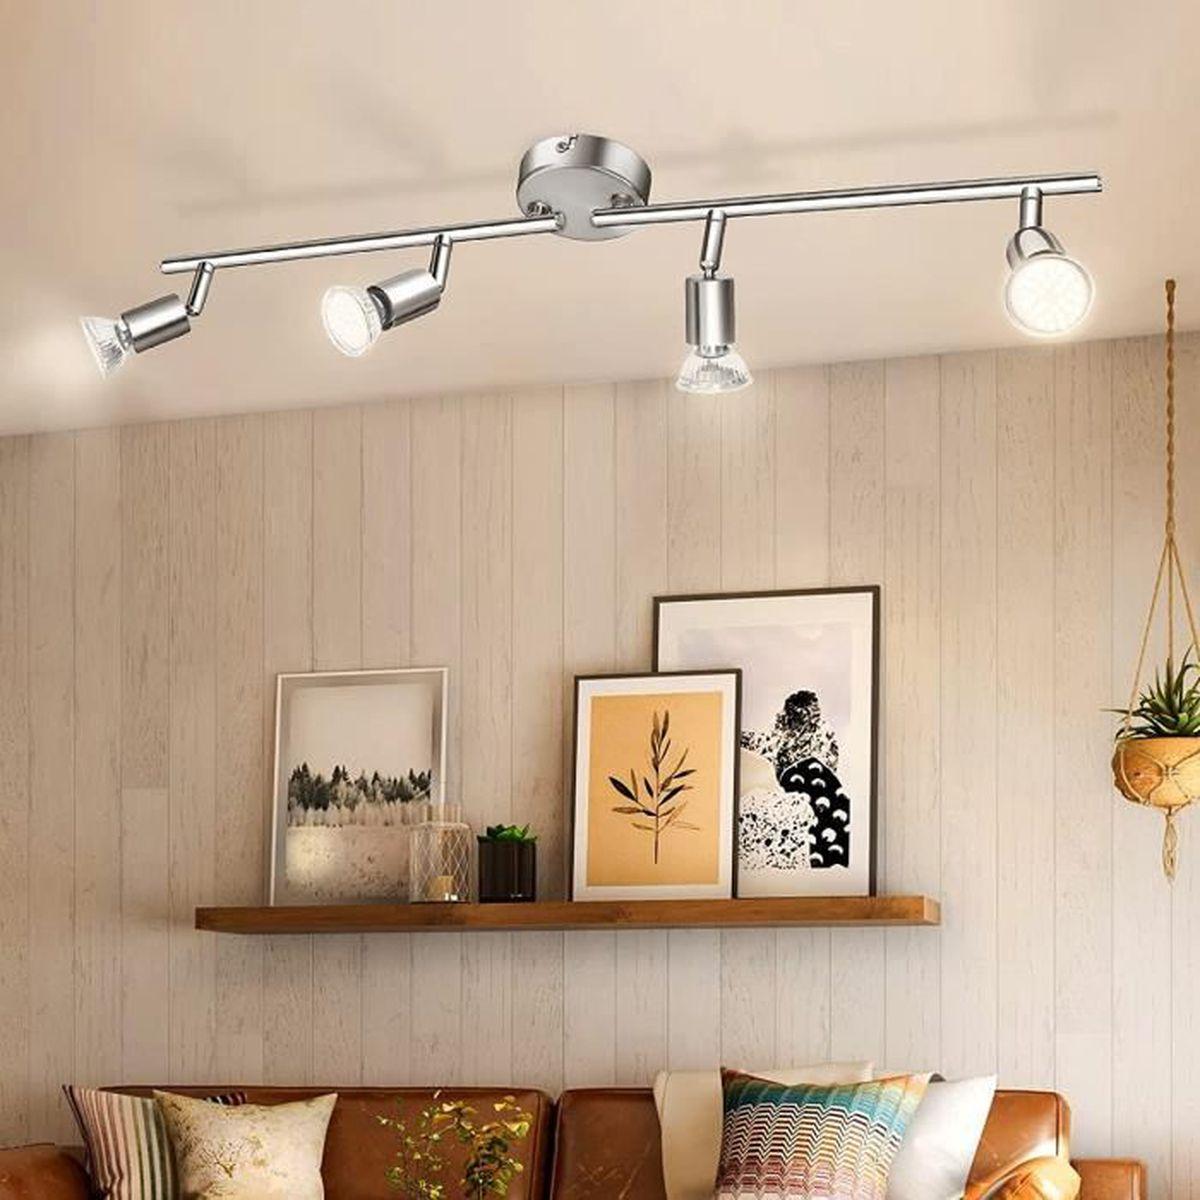 Lampe Plafond Salon Design plafonnier led 4 spots orientables,4x4w g9 inclus, spots